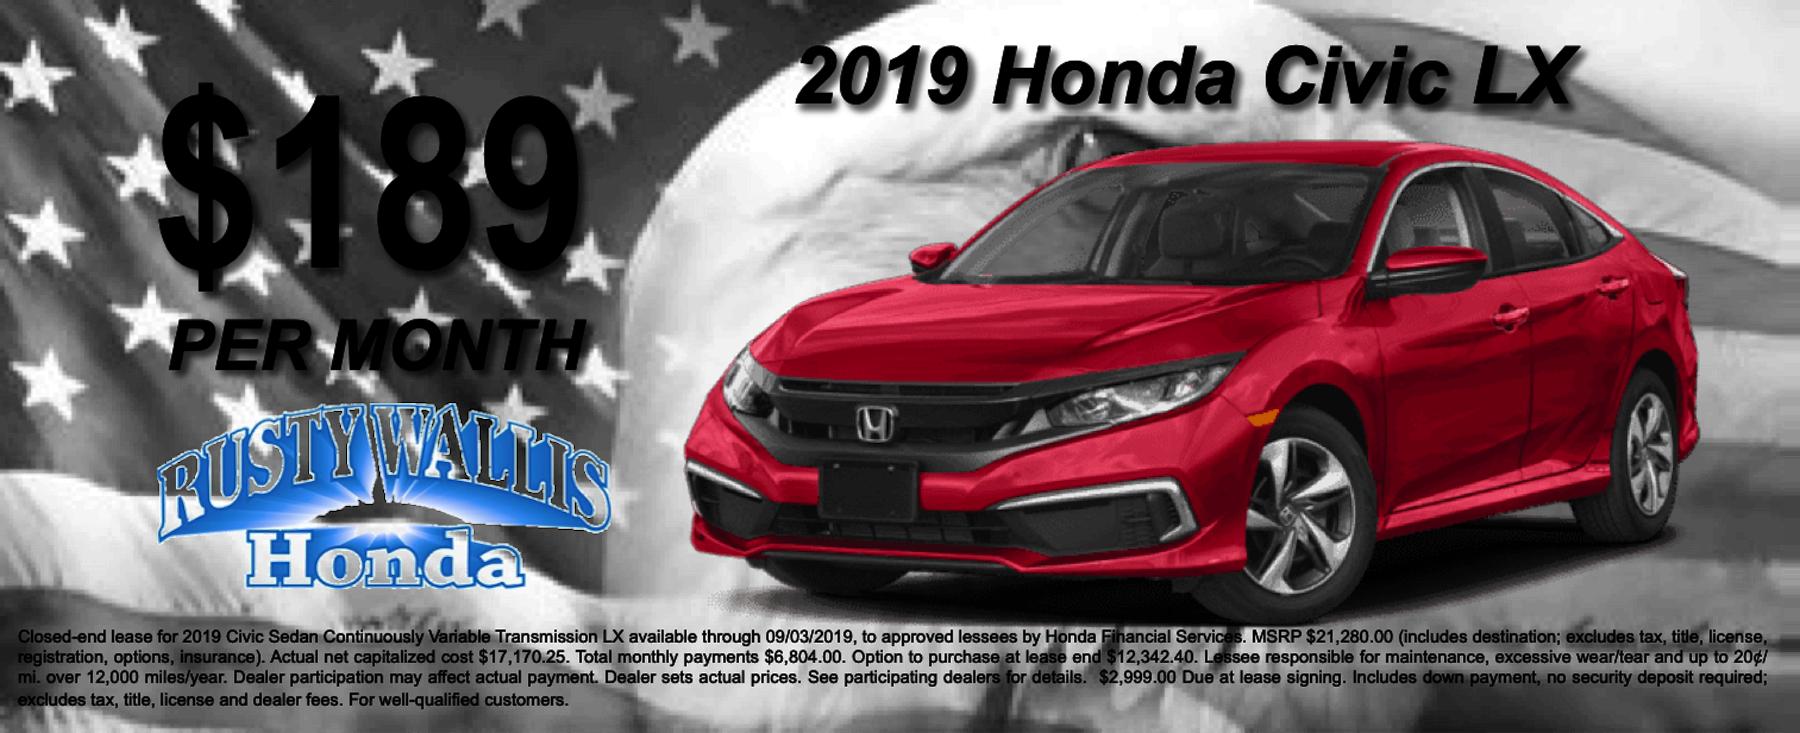 Honda Dealer Locator >> Rusty Wallis Honda Honda Dealer In Dallas Tx